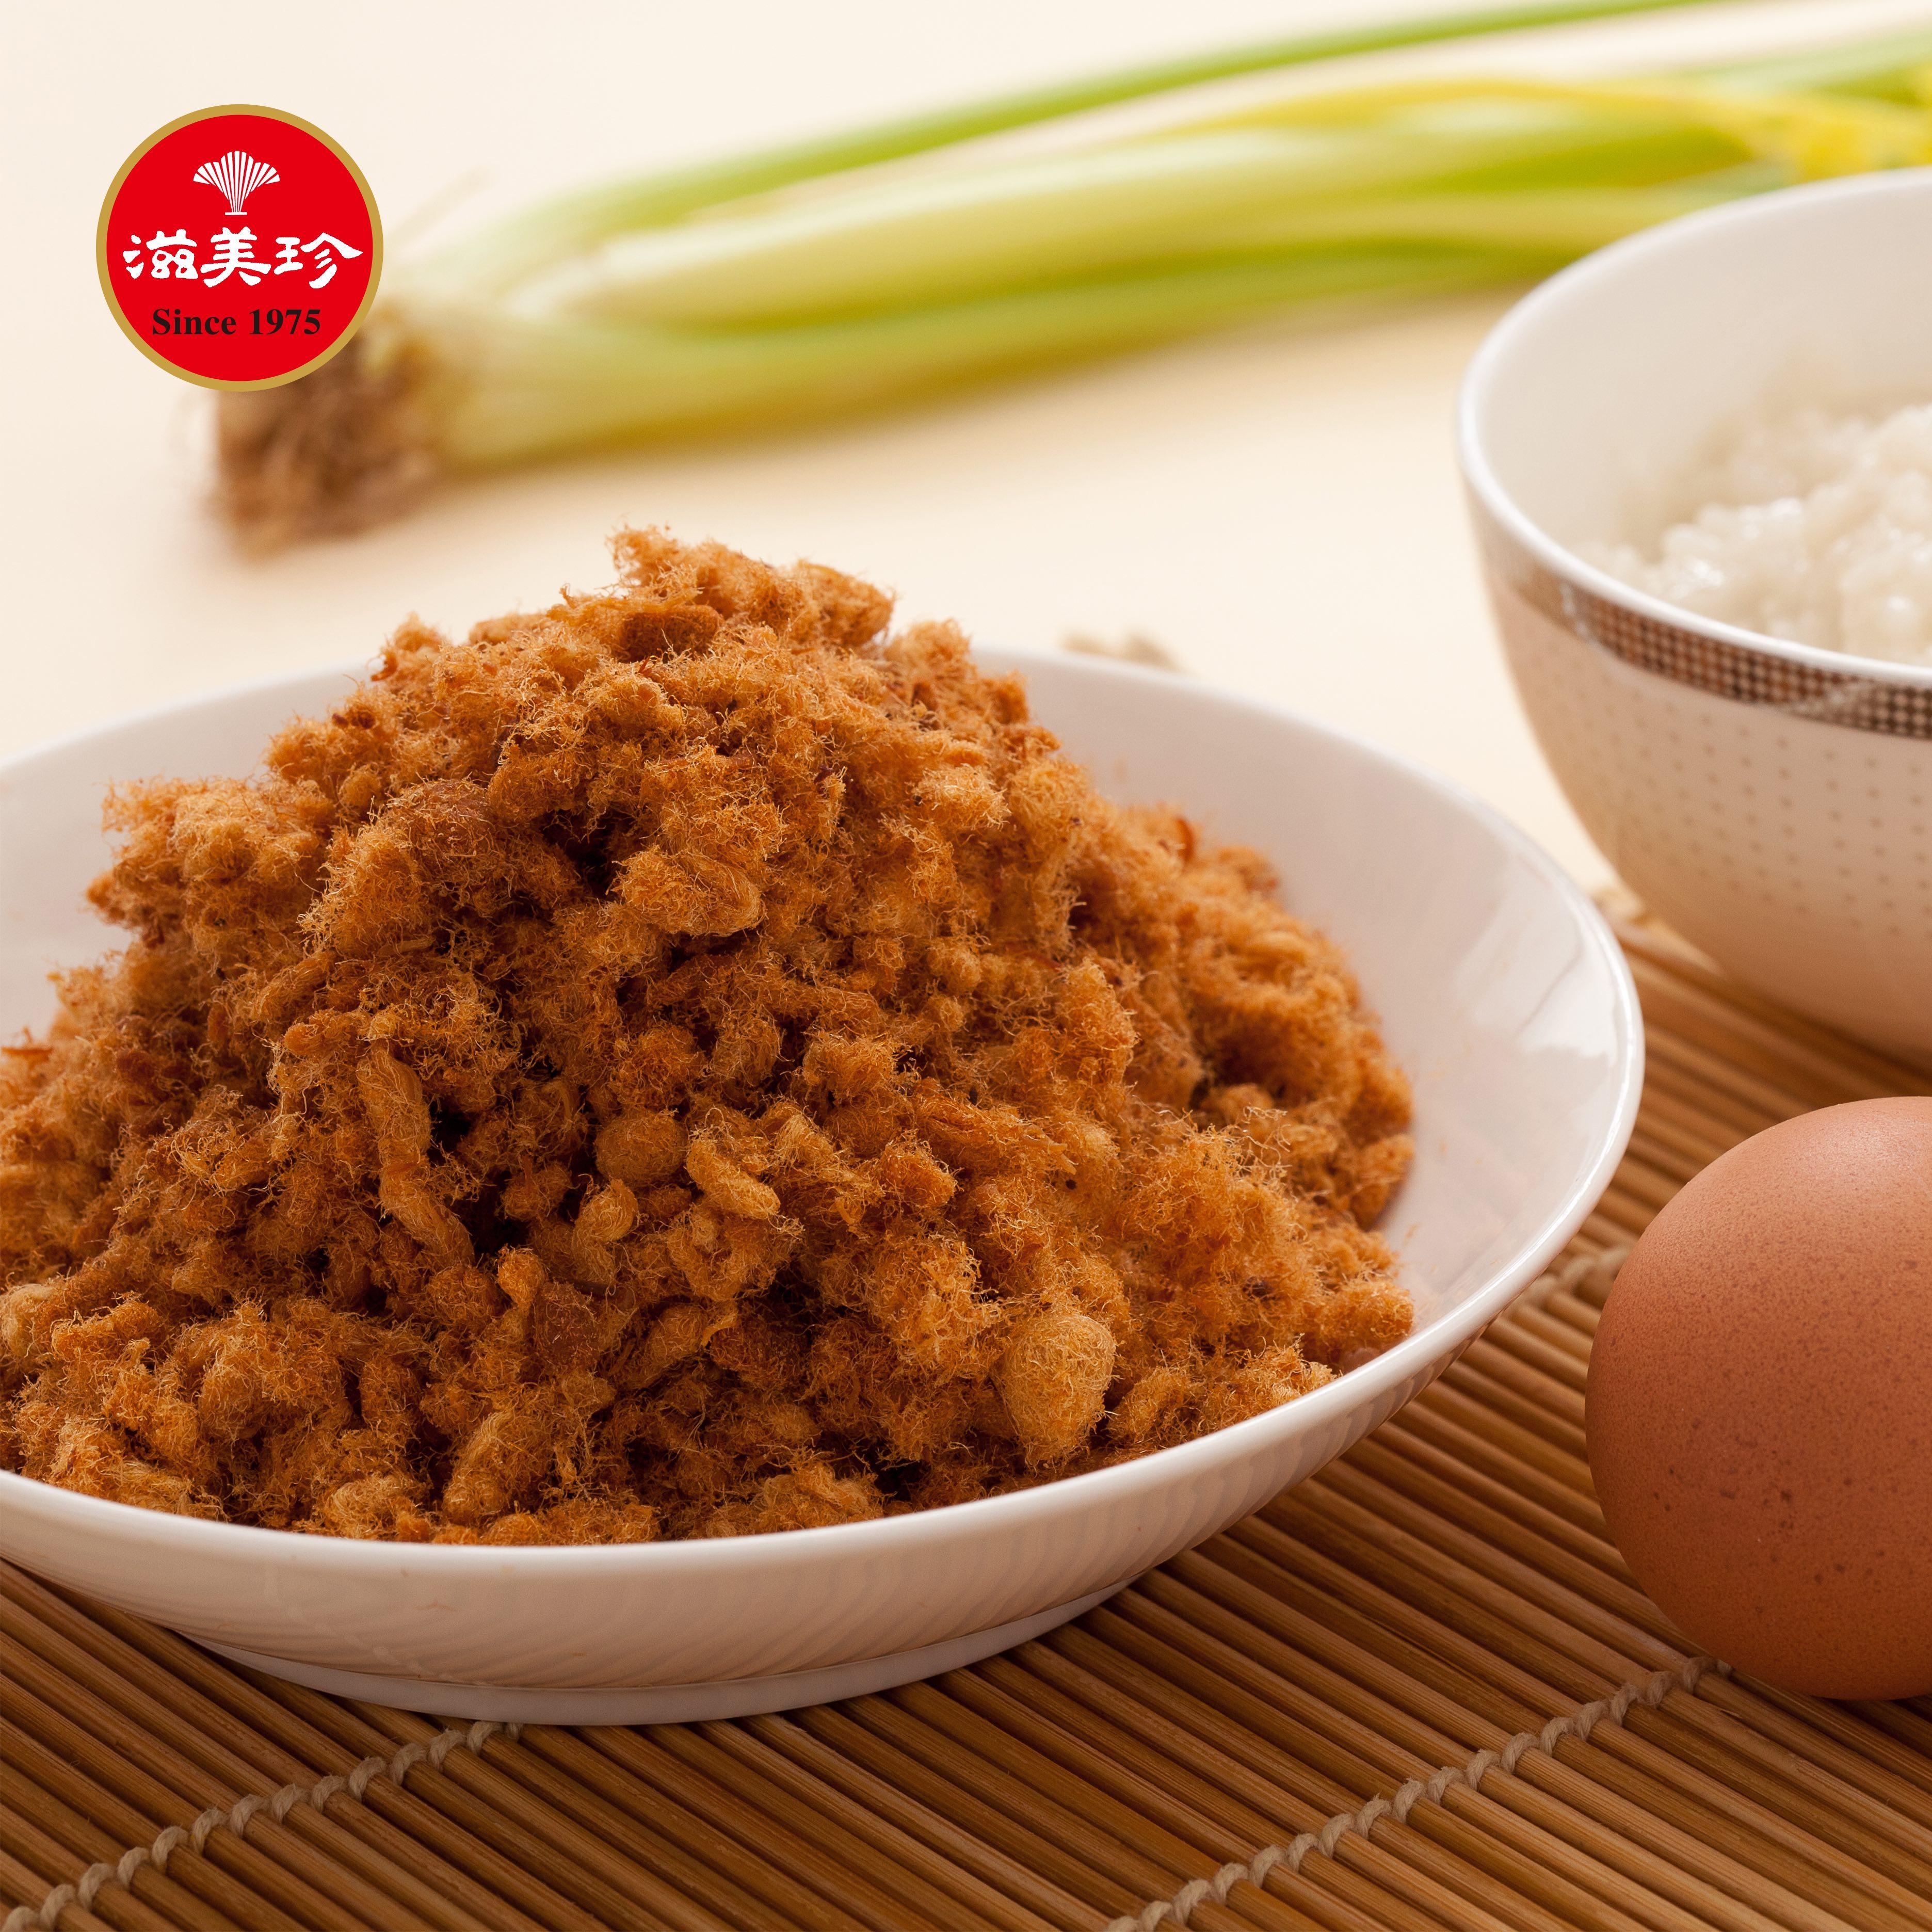 【滋美珍肉乾】特製細肉鬆★每日現炒~ 新鮮美味★